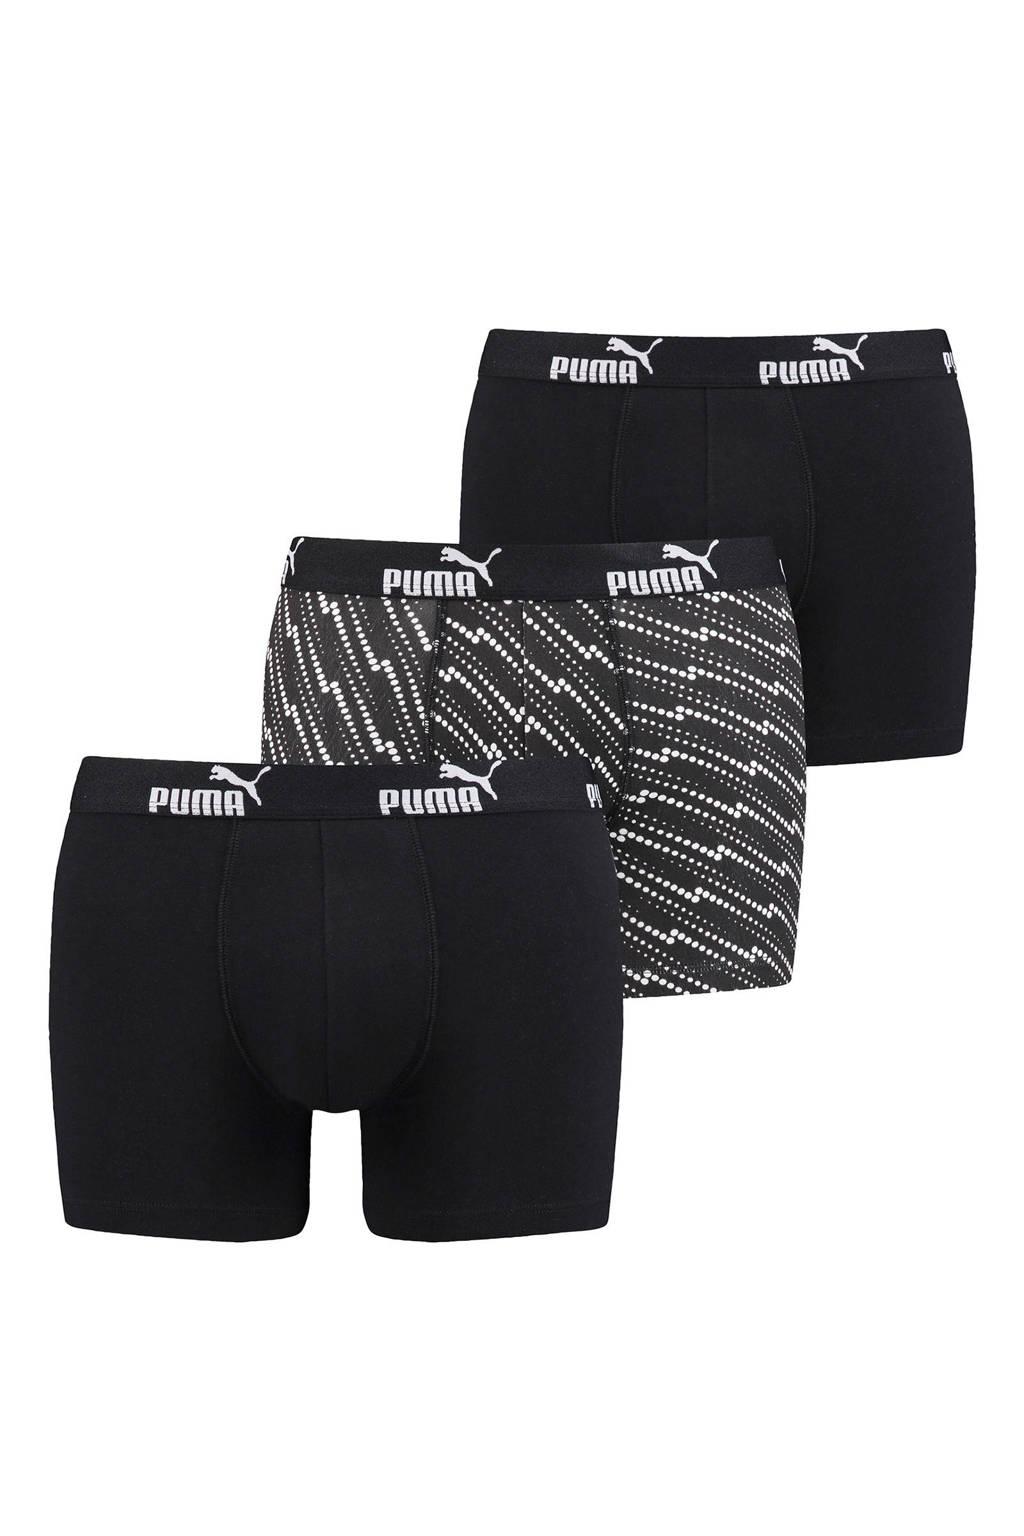 Puma boxershort (set van 3), Zwart